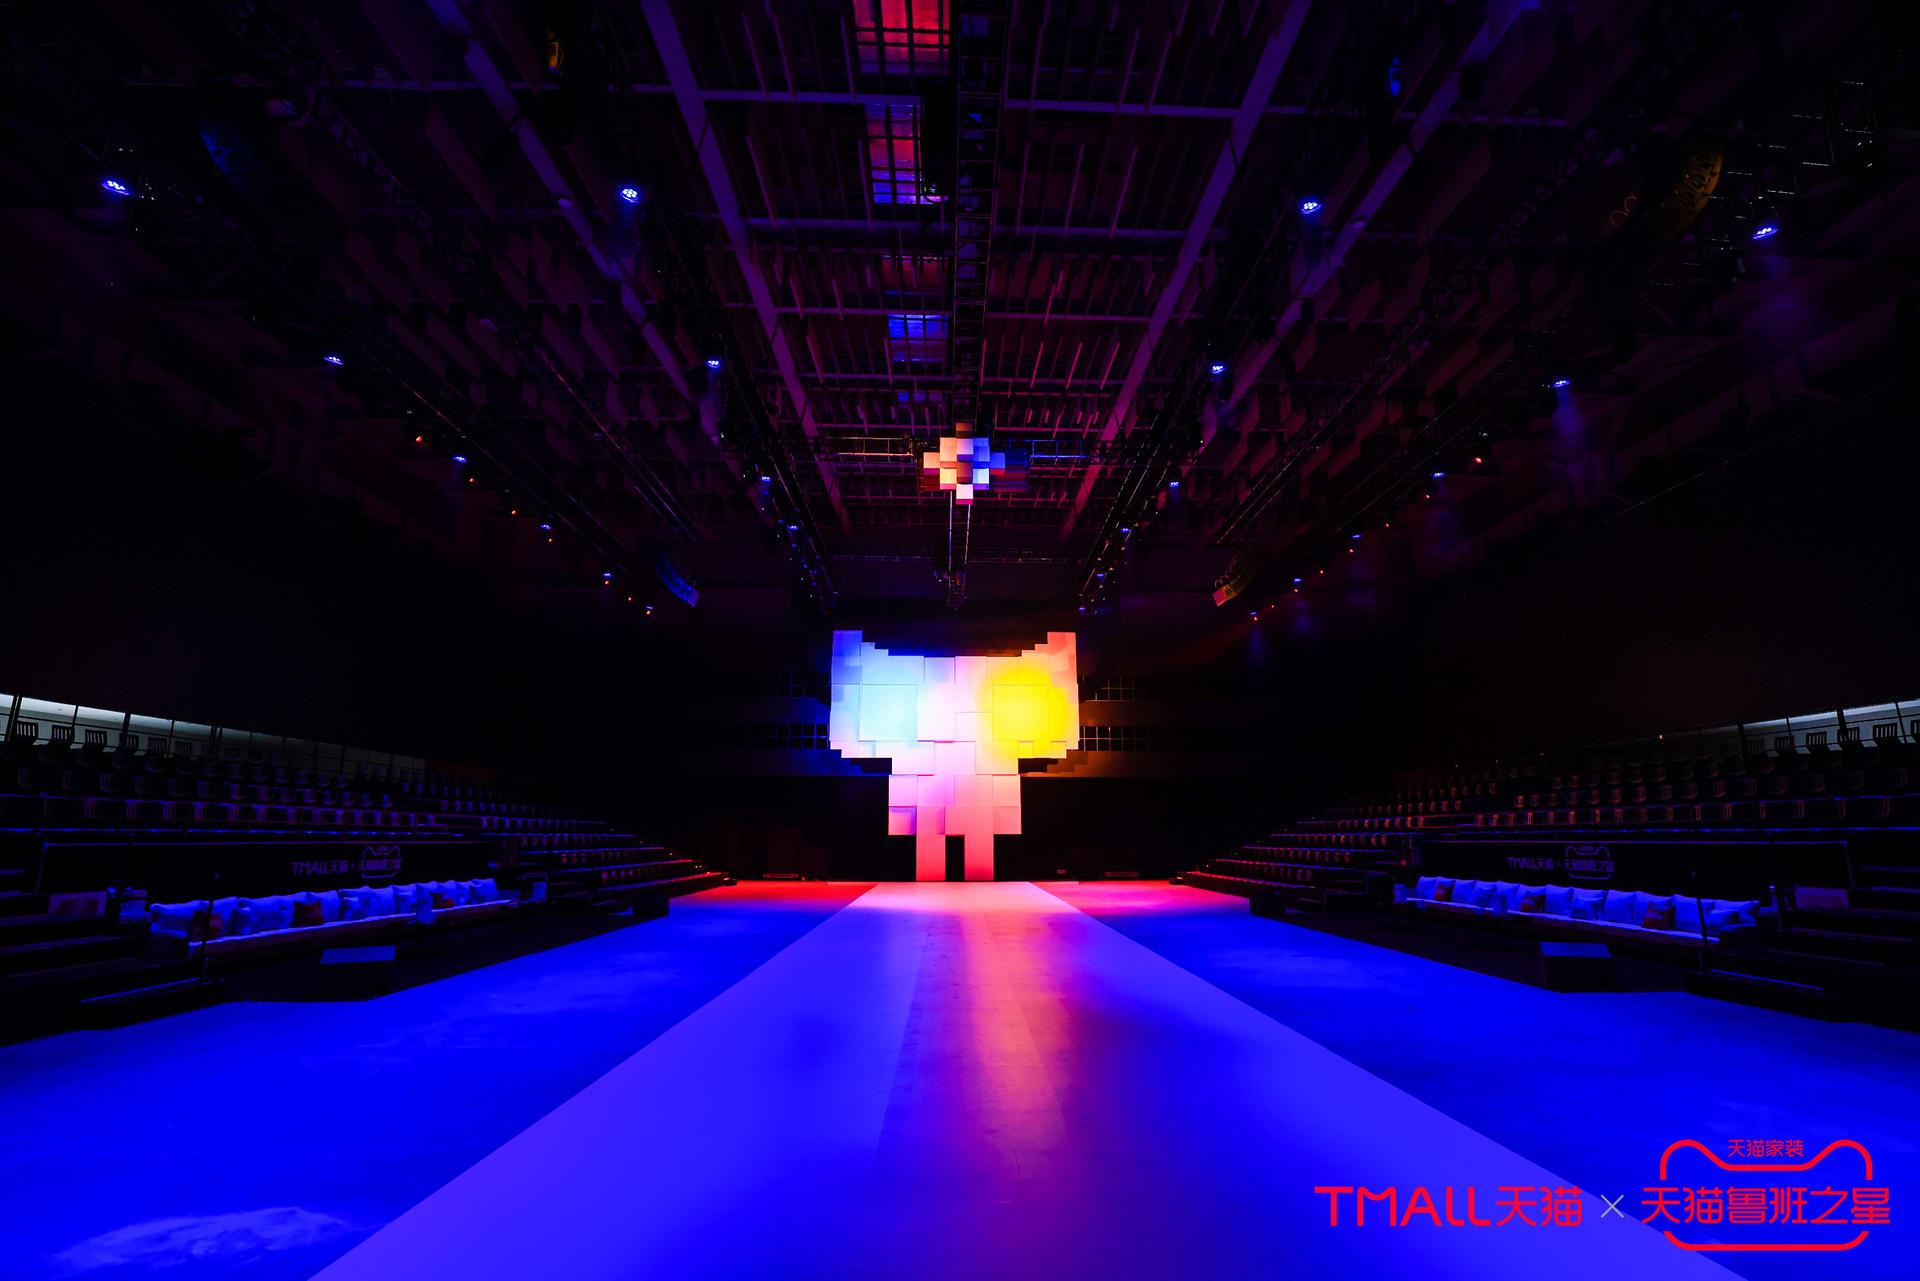 天猫鲁班之星生态发布会活动策划的舞美造型打造了360度沉浸式体验